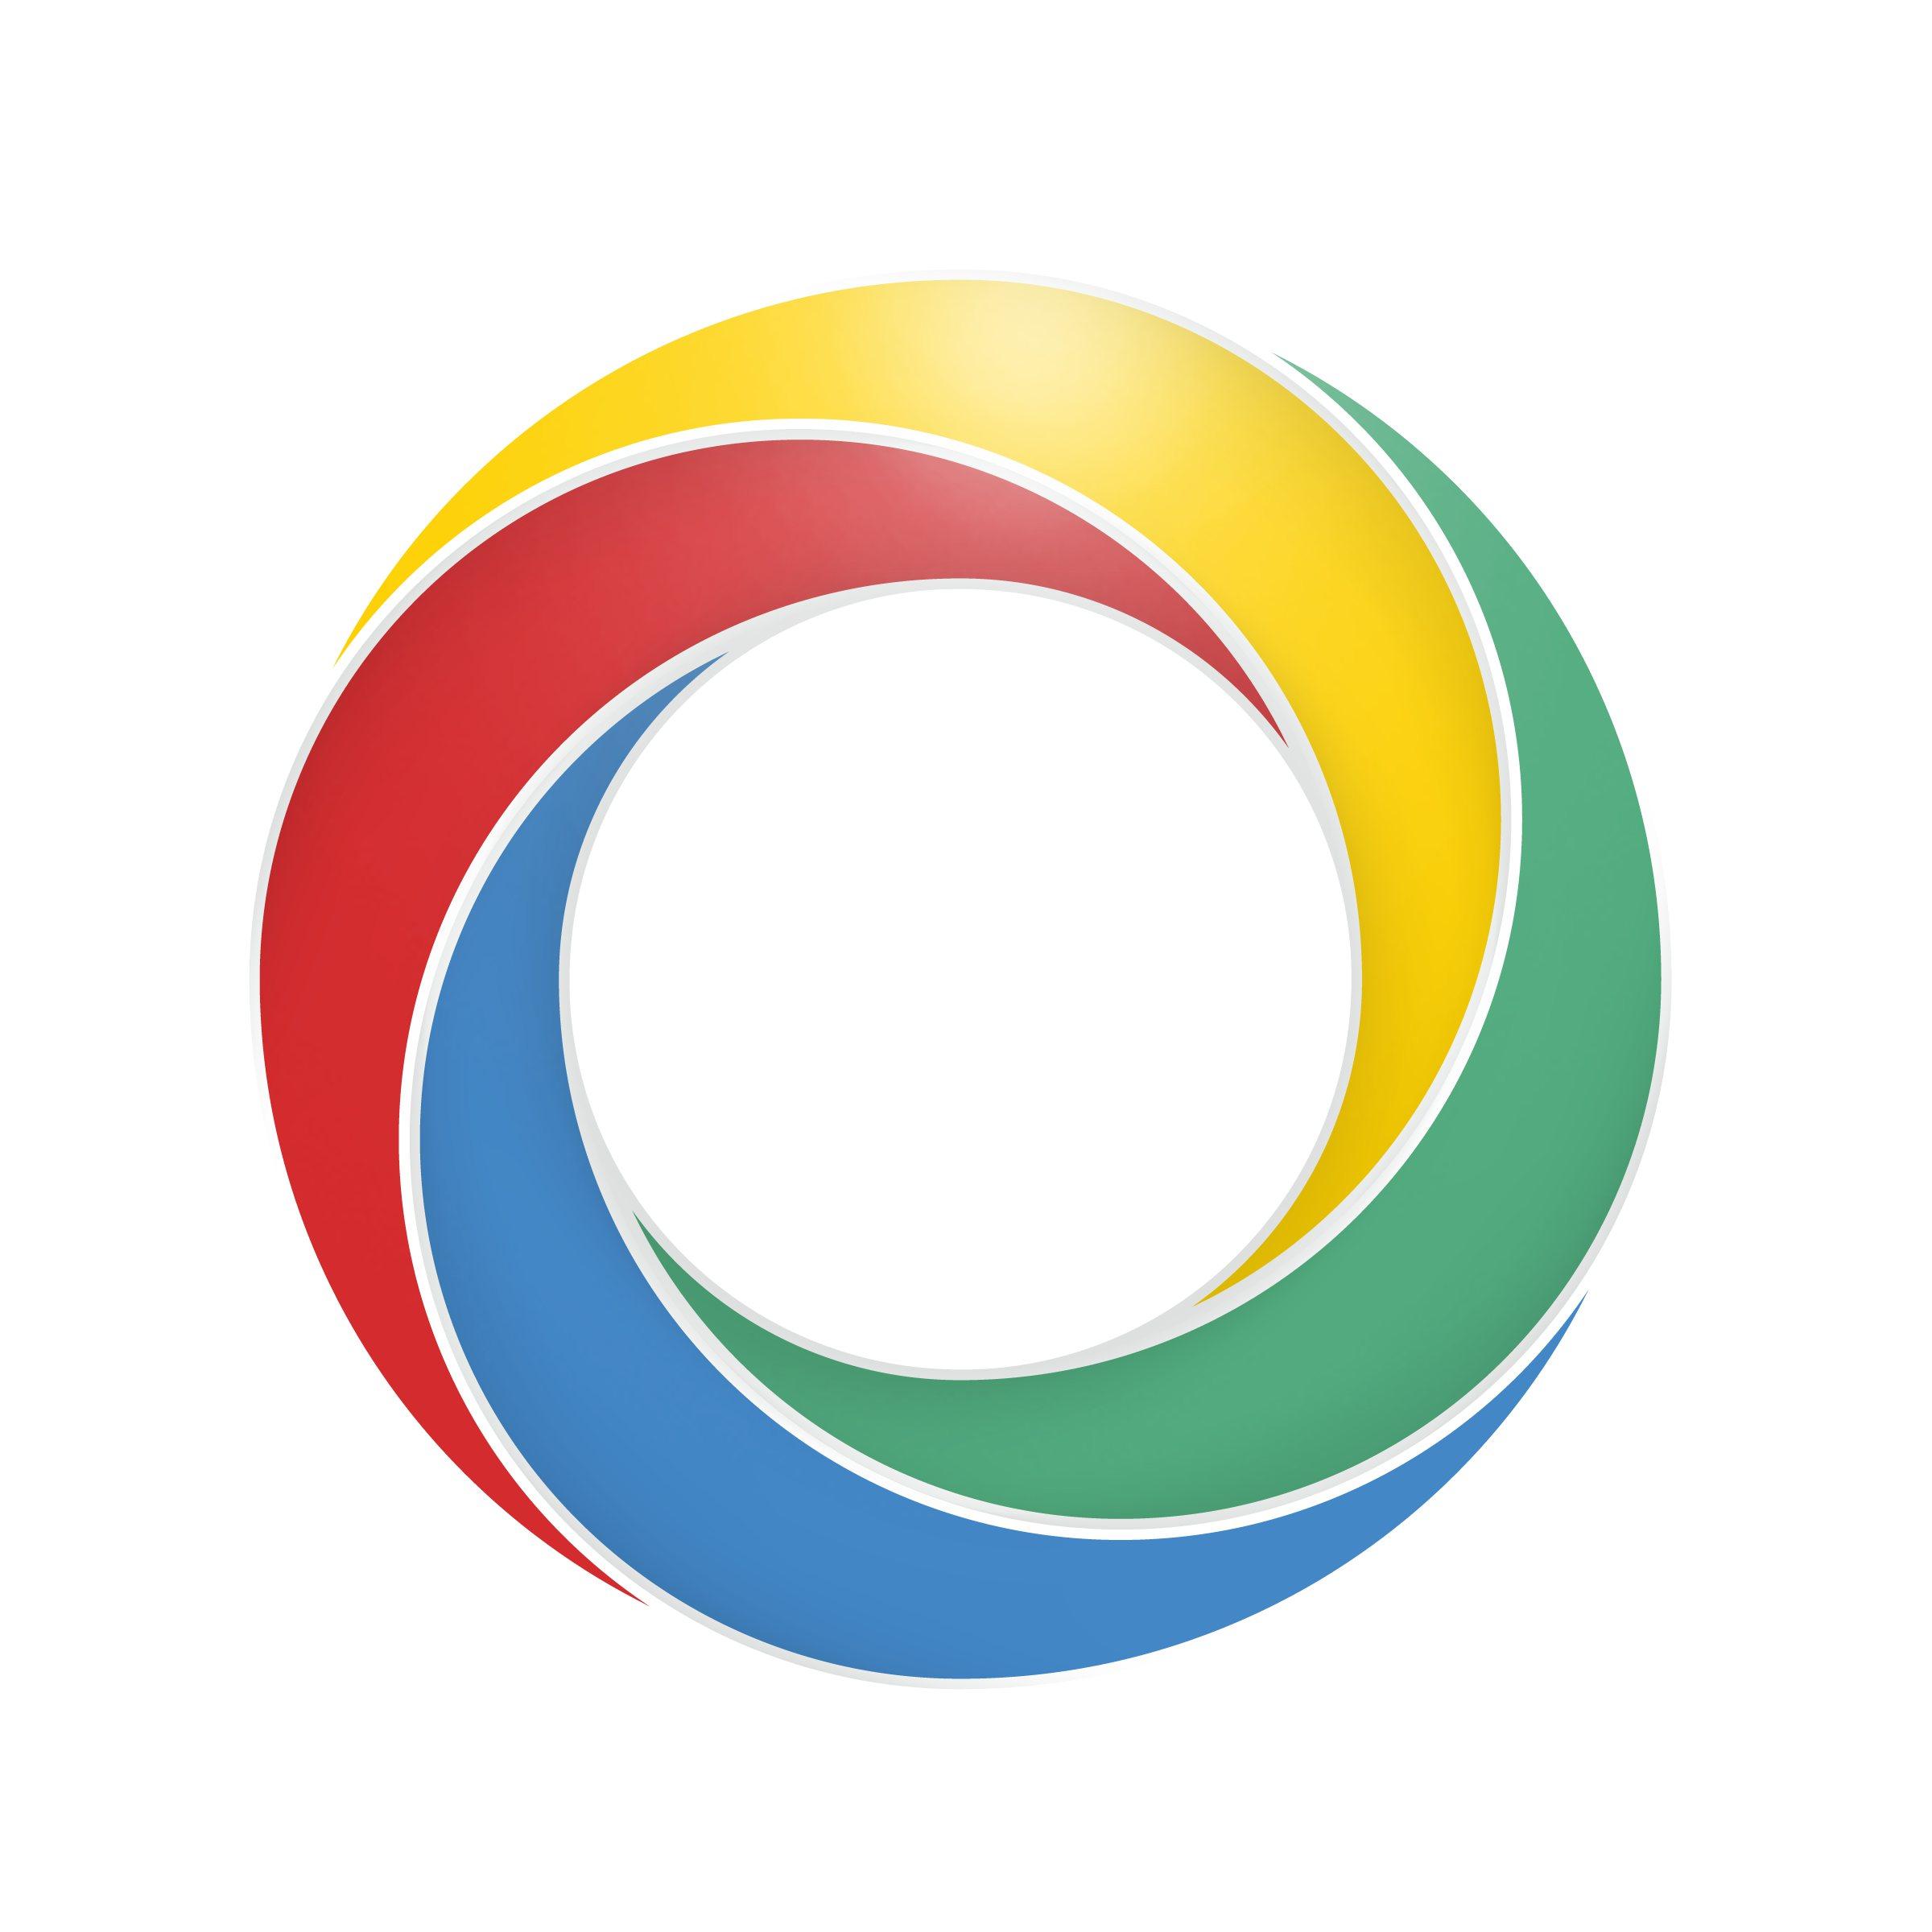 苏州看台体育科技有限公司logo